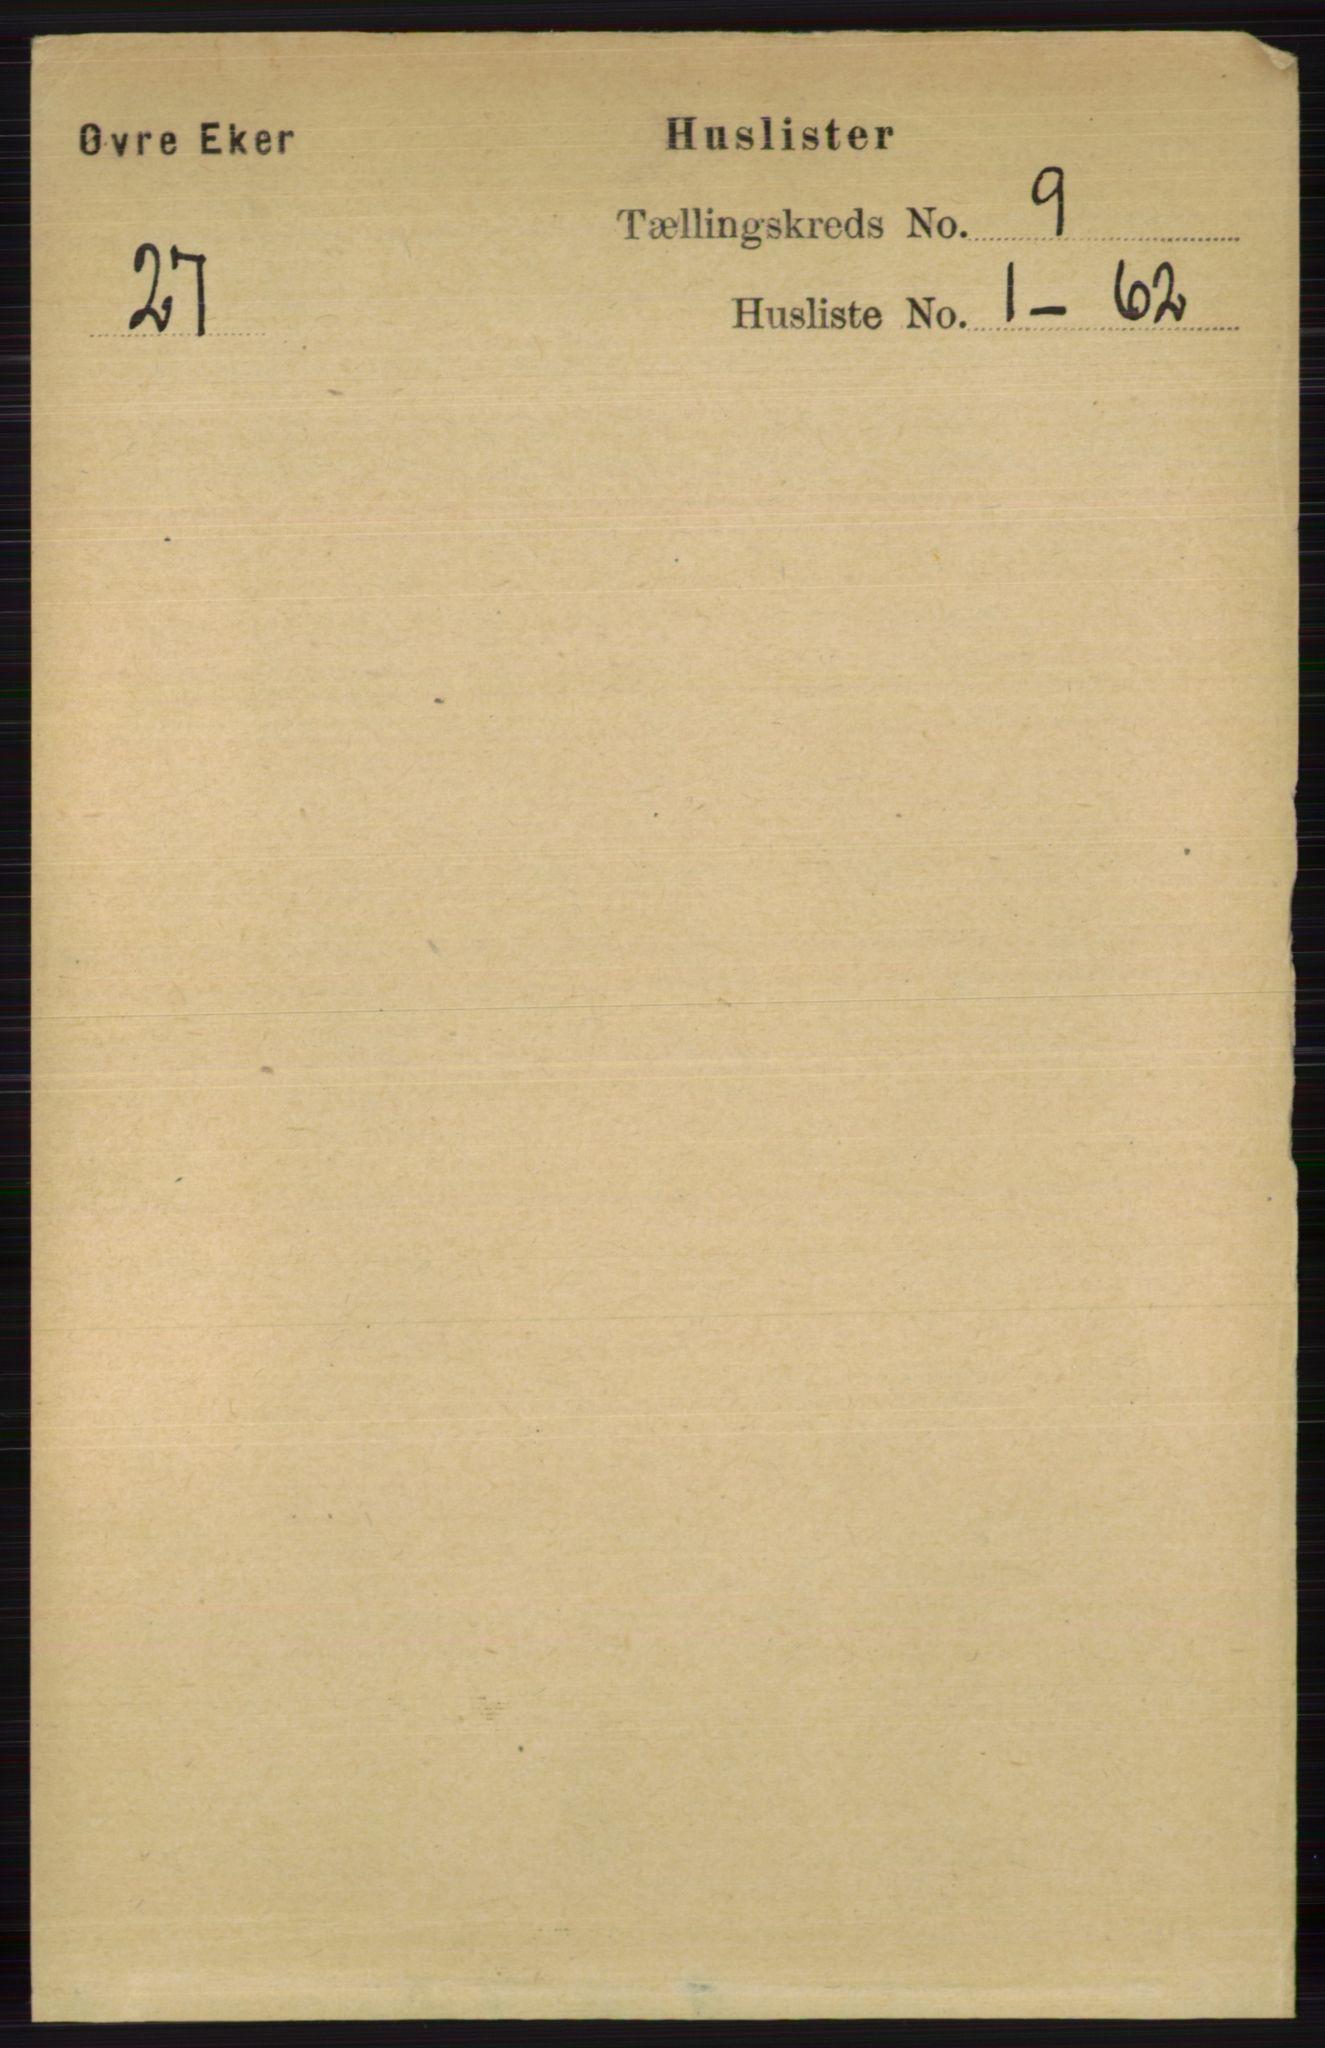 RA, Folketelling 1891 for 0624 Øvre Eiker herred, 1891, s. 3577